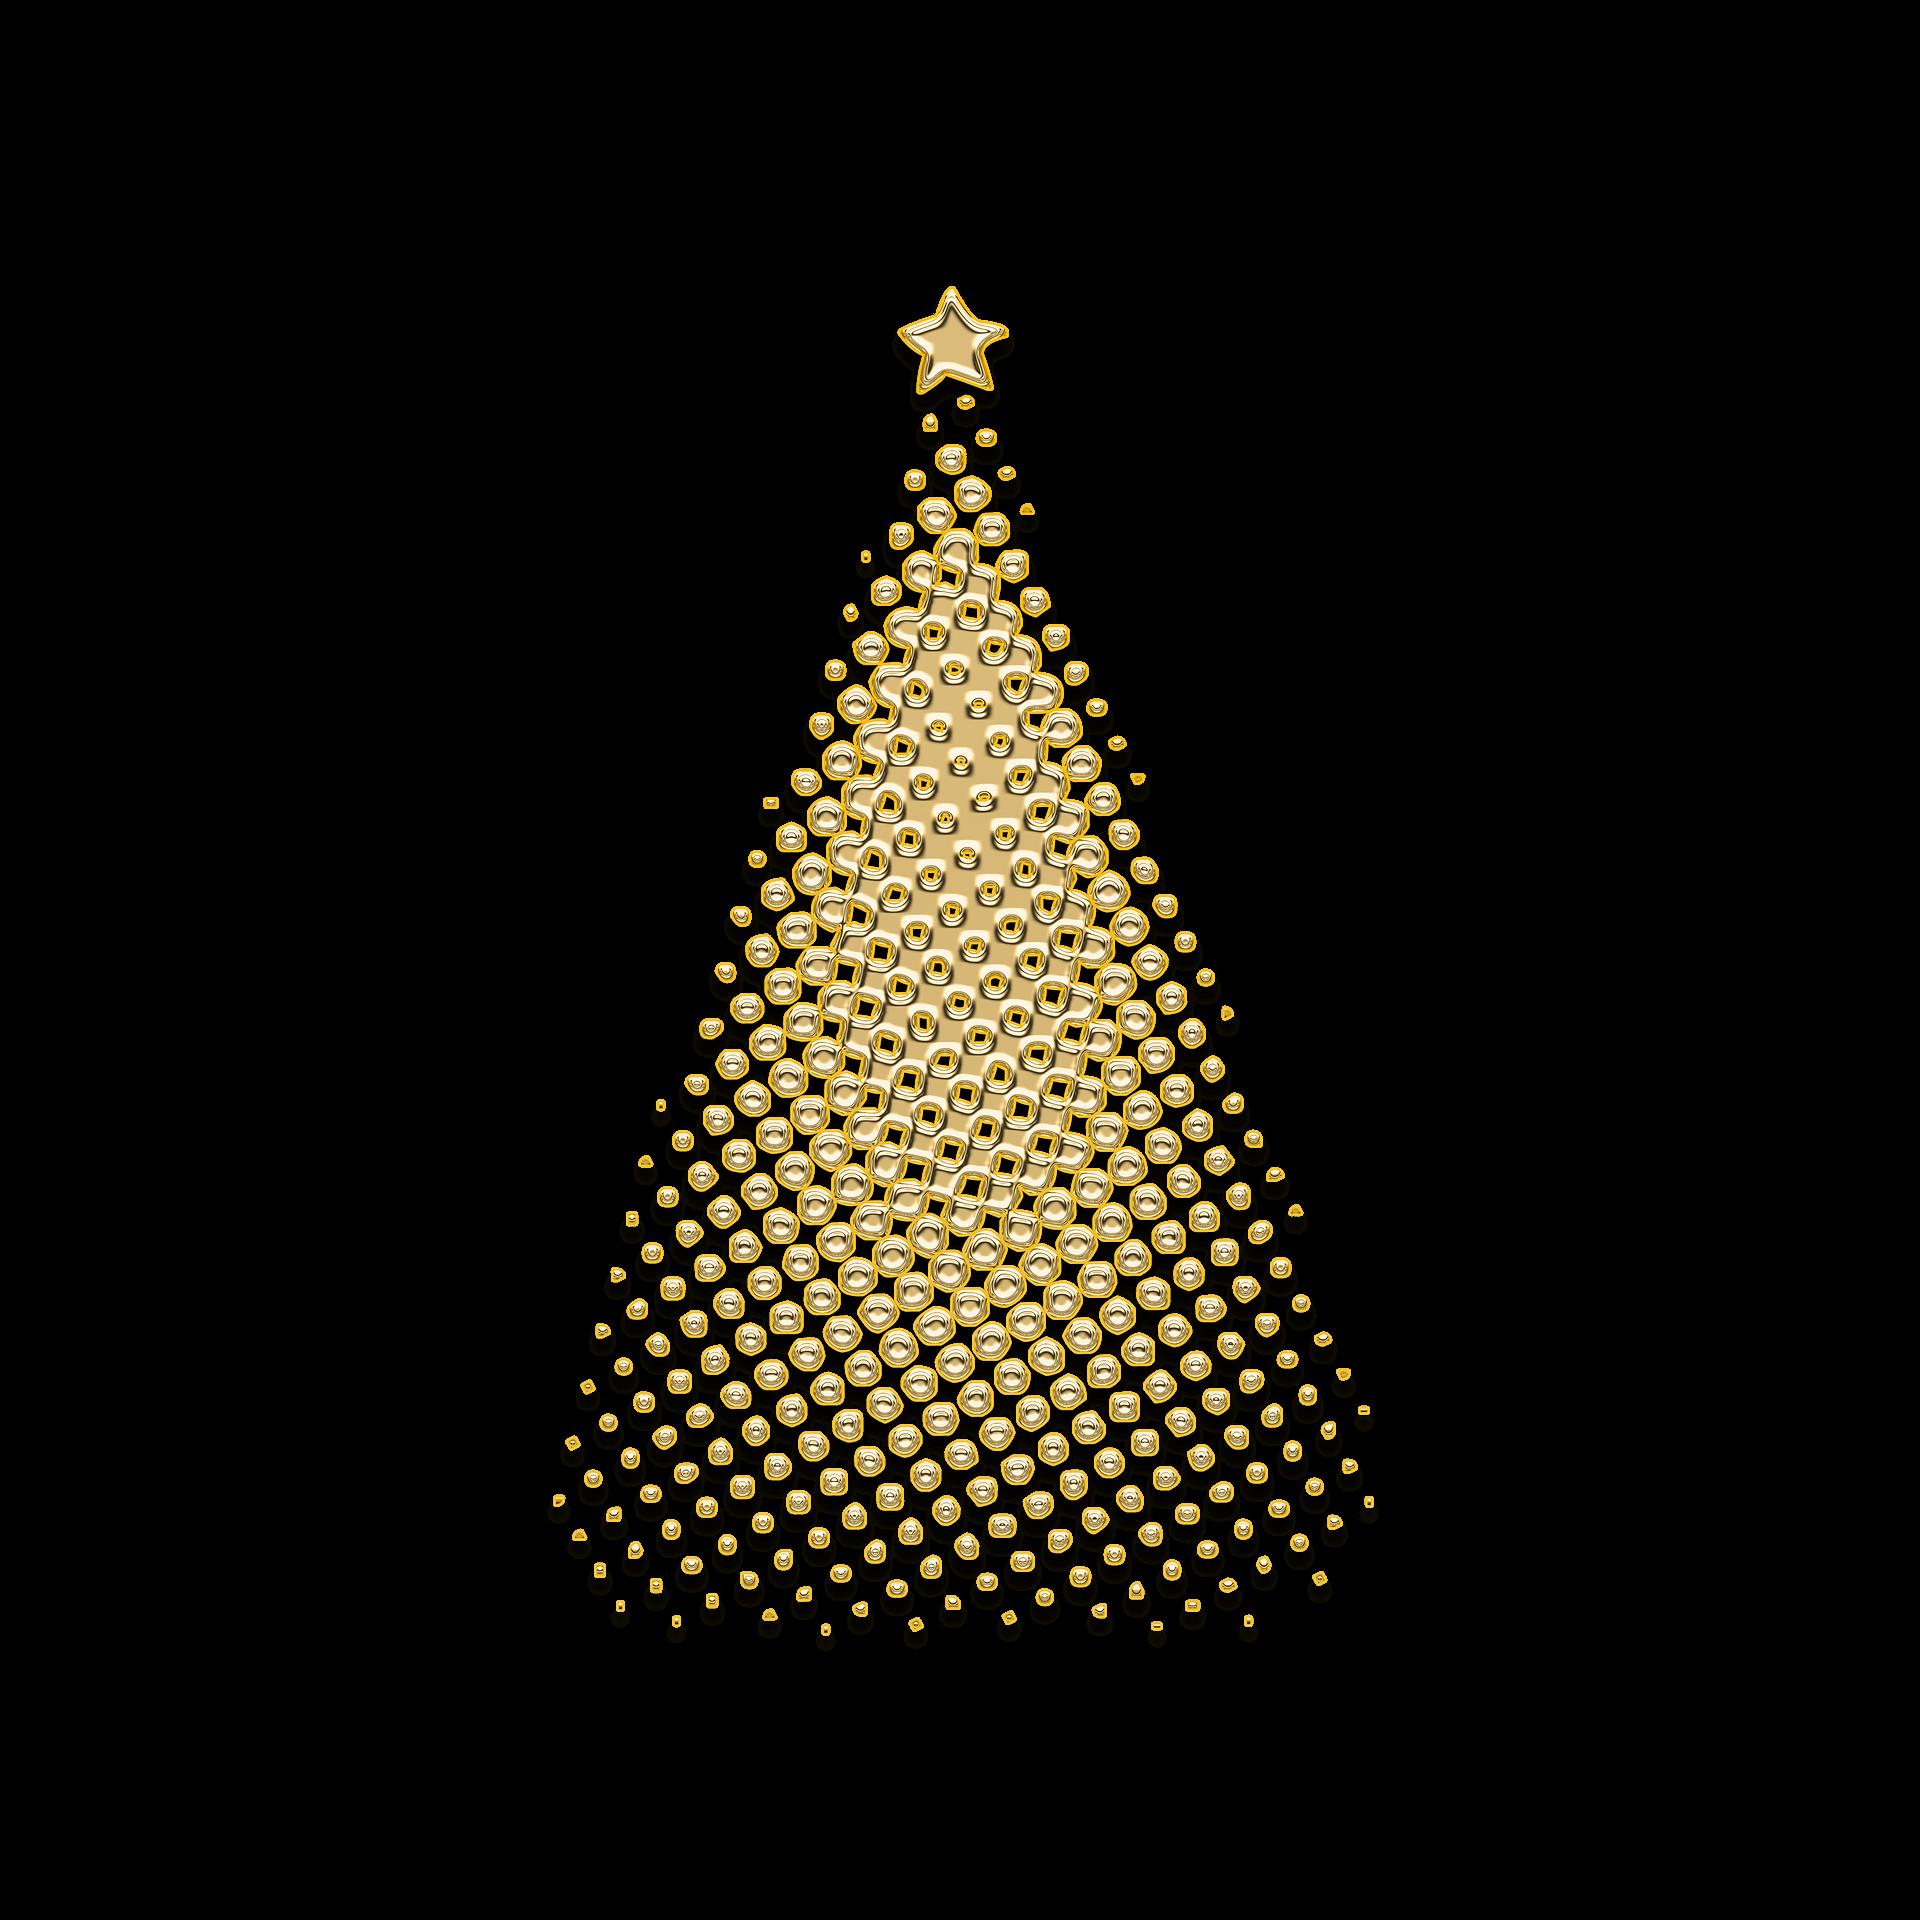 Wir Wünschen Ihnen Frohe Weihnachten Und Ein Glückliches Neues Jahr.Frohe Festtage Und Ein Glückliches Neues Jahr Veritas Data Gmbh